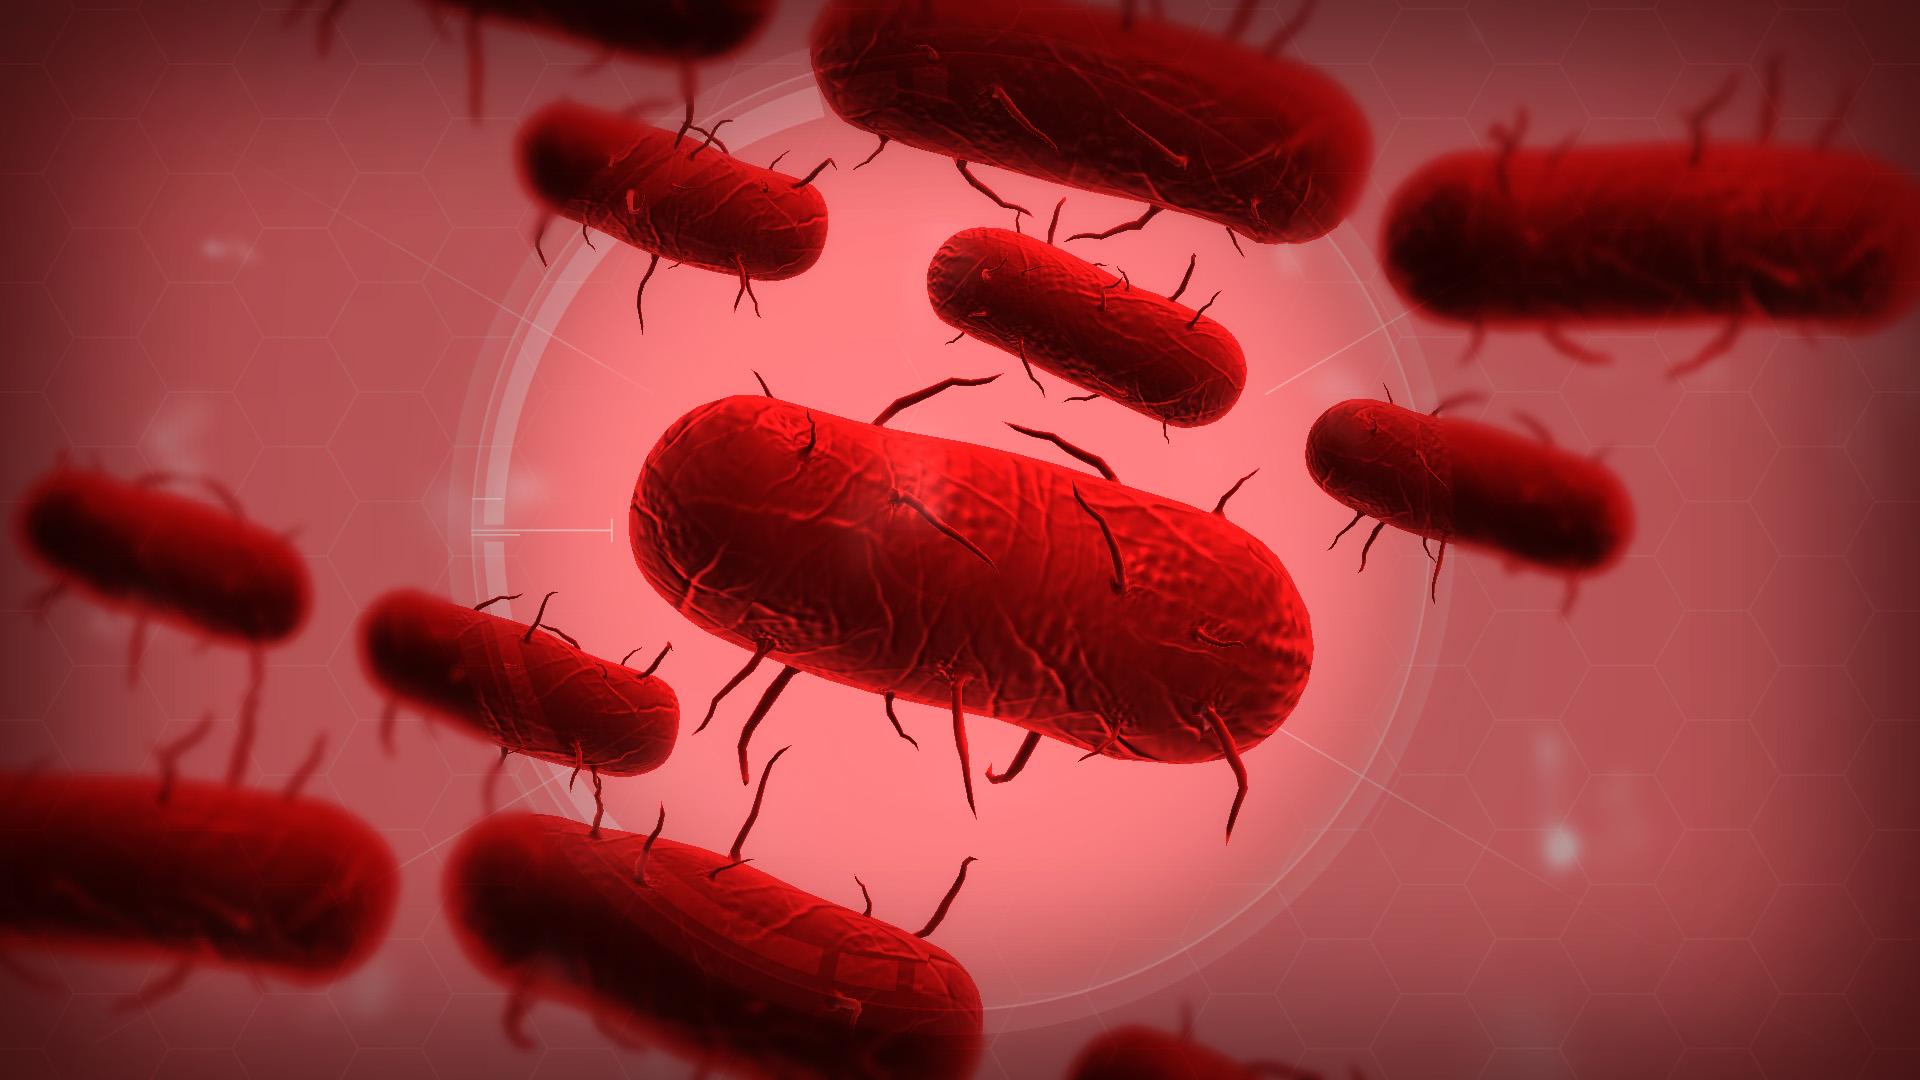 Китайский коронавирус привлек внимание игроков к Plague Inc: Evolved. Она уже в чартах AppStore